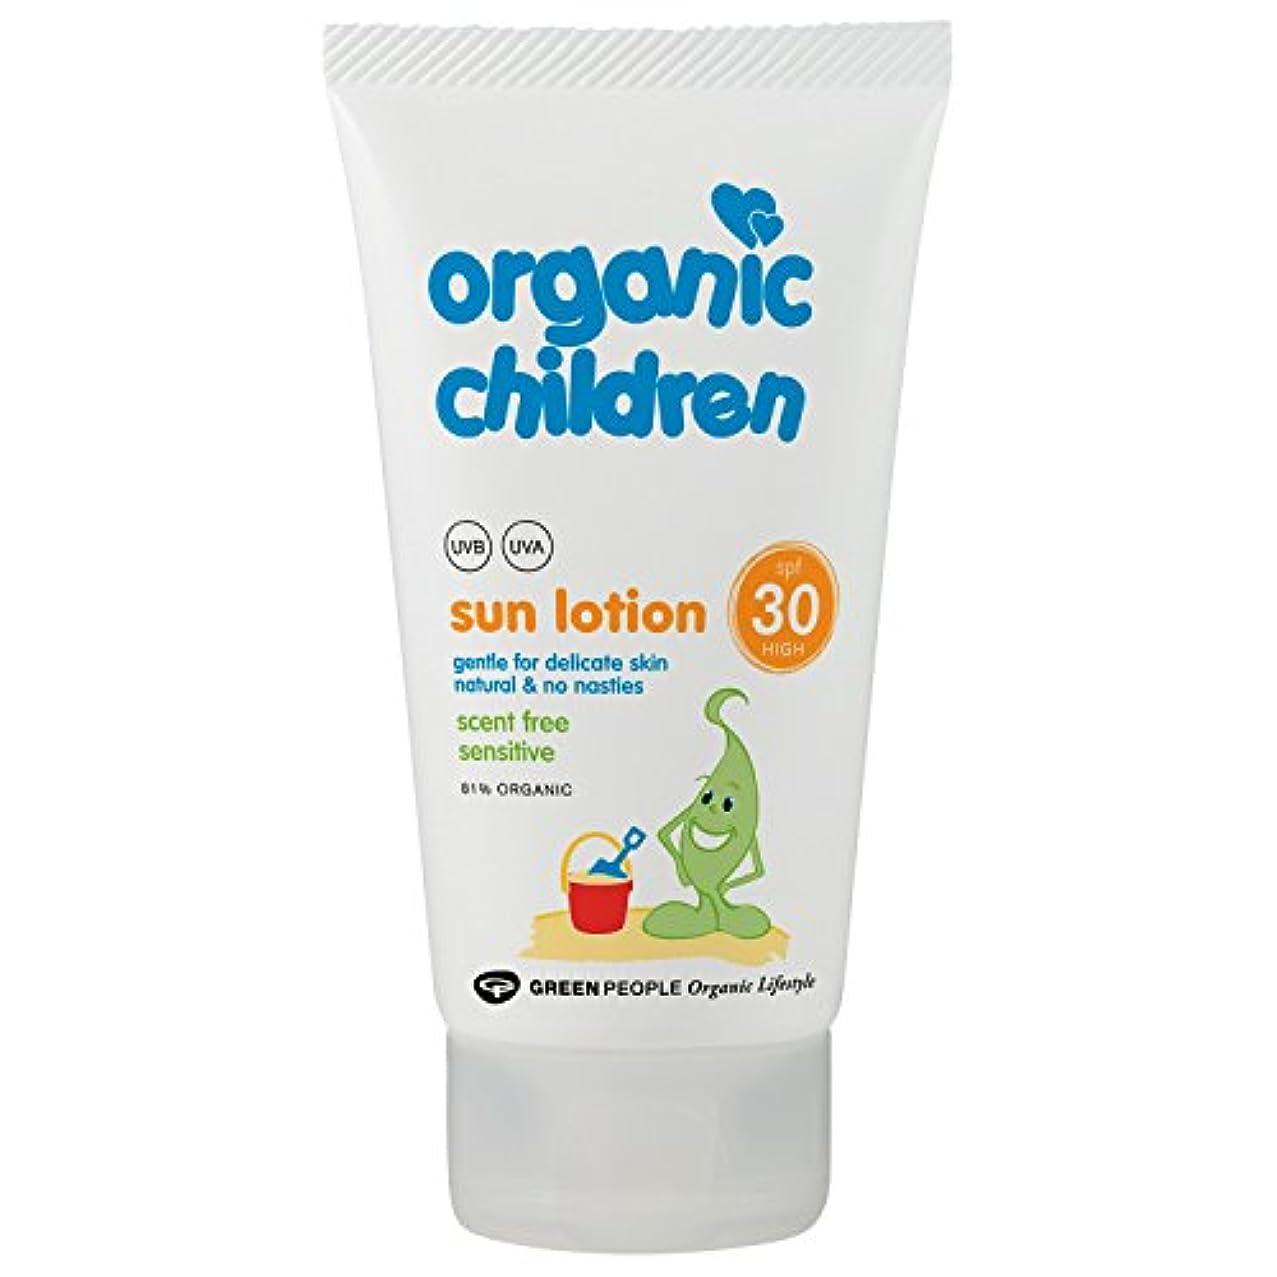 雪だるま条約アメリカ有機子どもたちは30日のローション150グラムを x2 - Organic Children SPF 30 Sun Lotion 150g (Pack of 2) [並行輸入品]